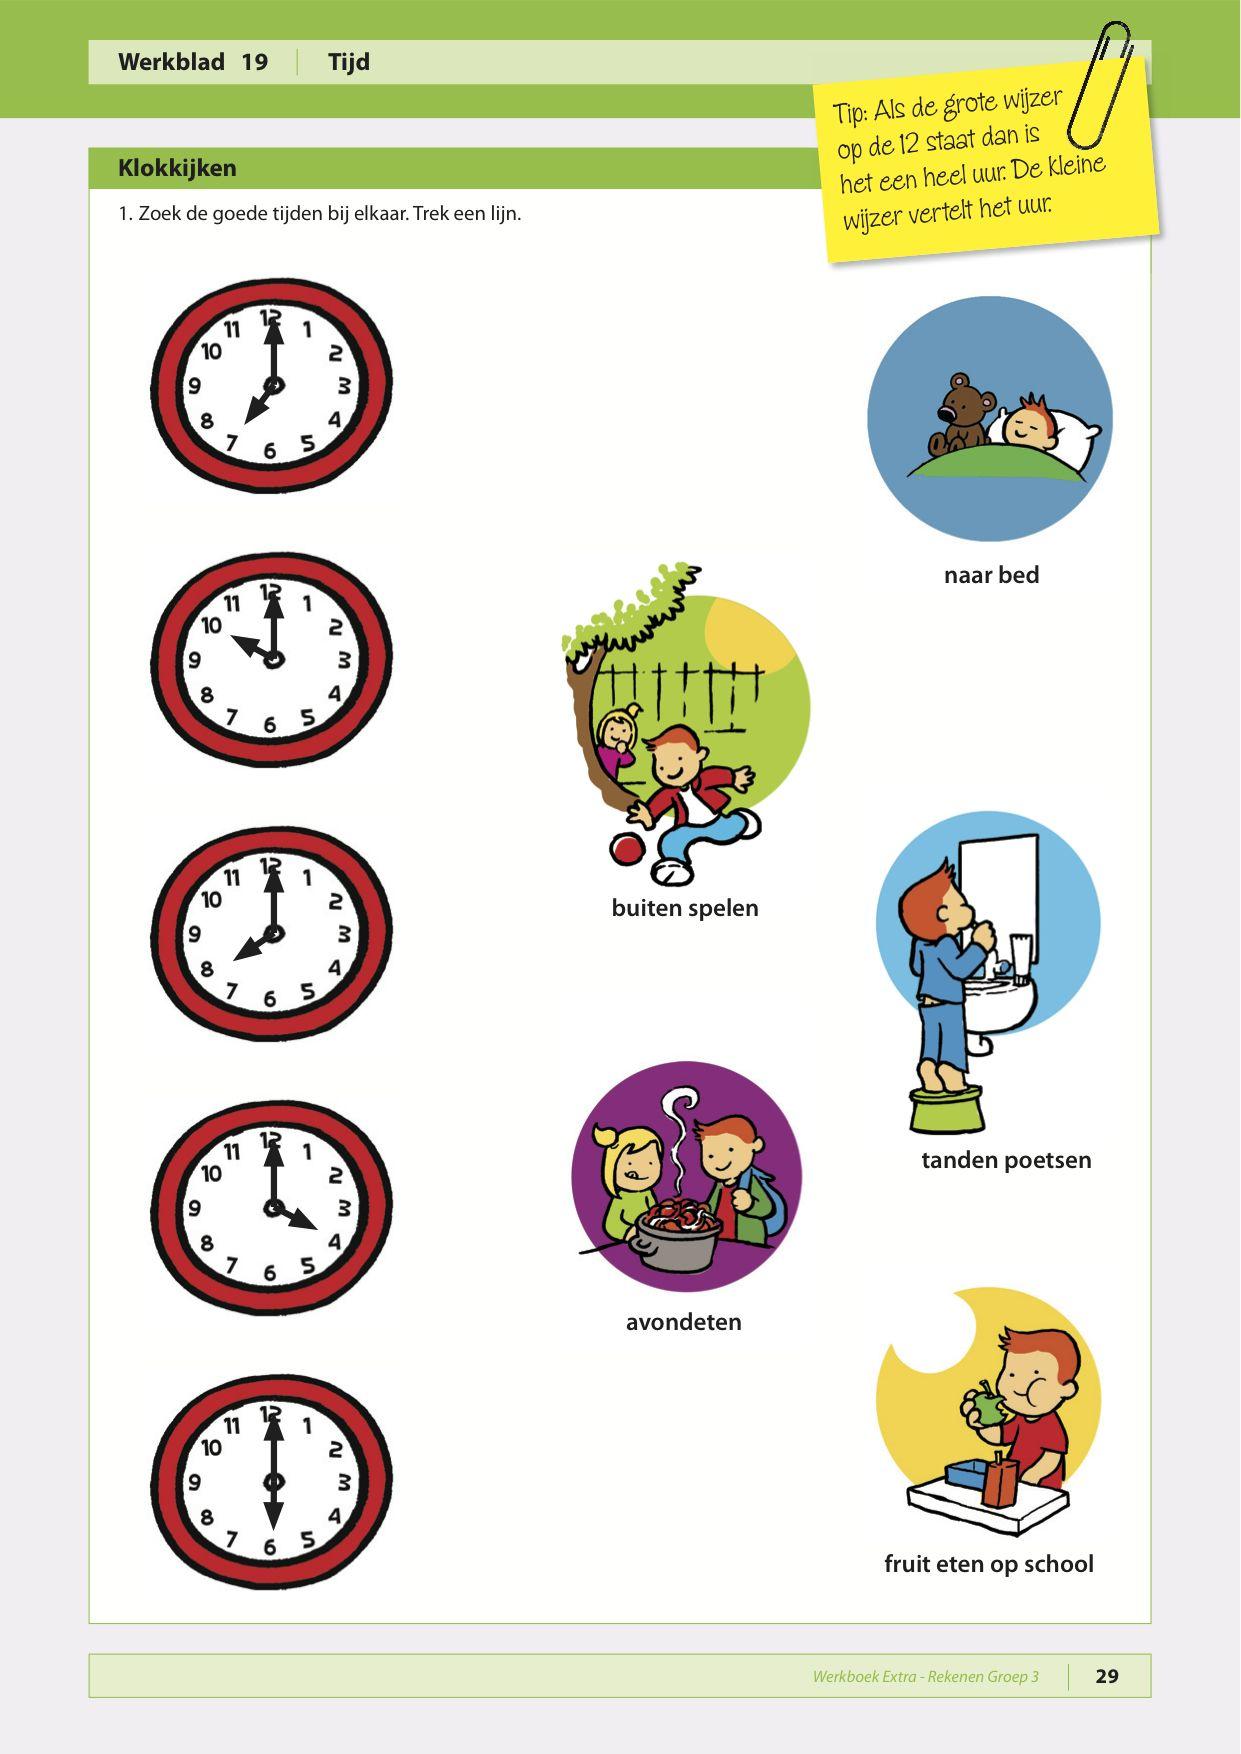 Brainzatwork Media Afbeeldingen Rekenen Groep 3